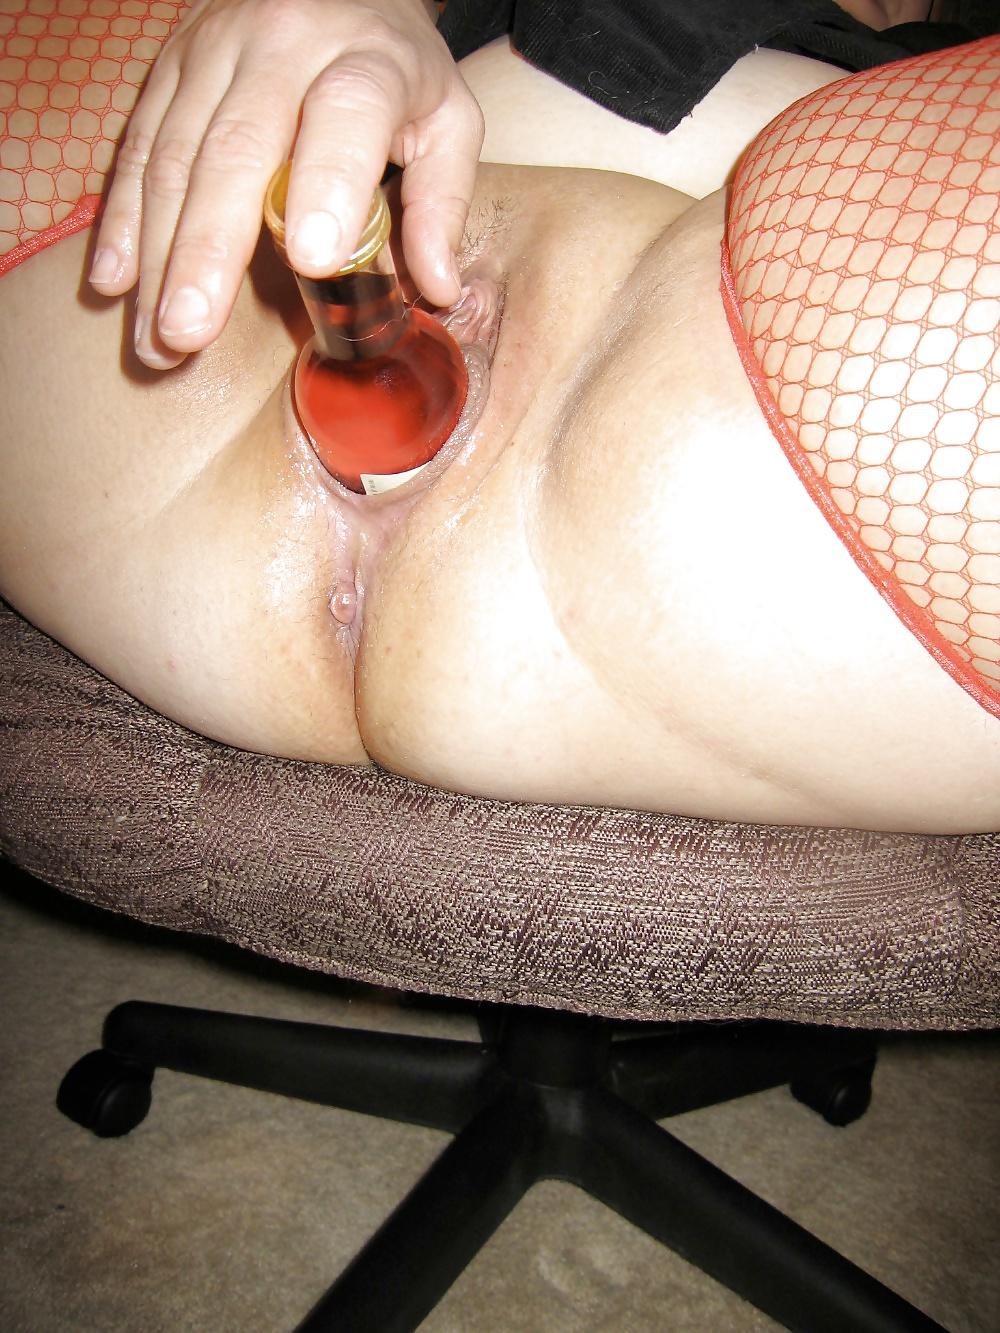 CHUBBY. Heiße Sexbilder, kostenlose Pornofotos und beste XXX